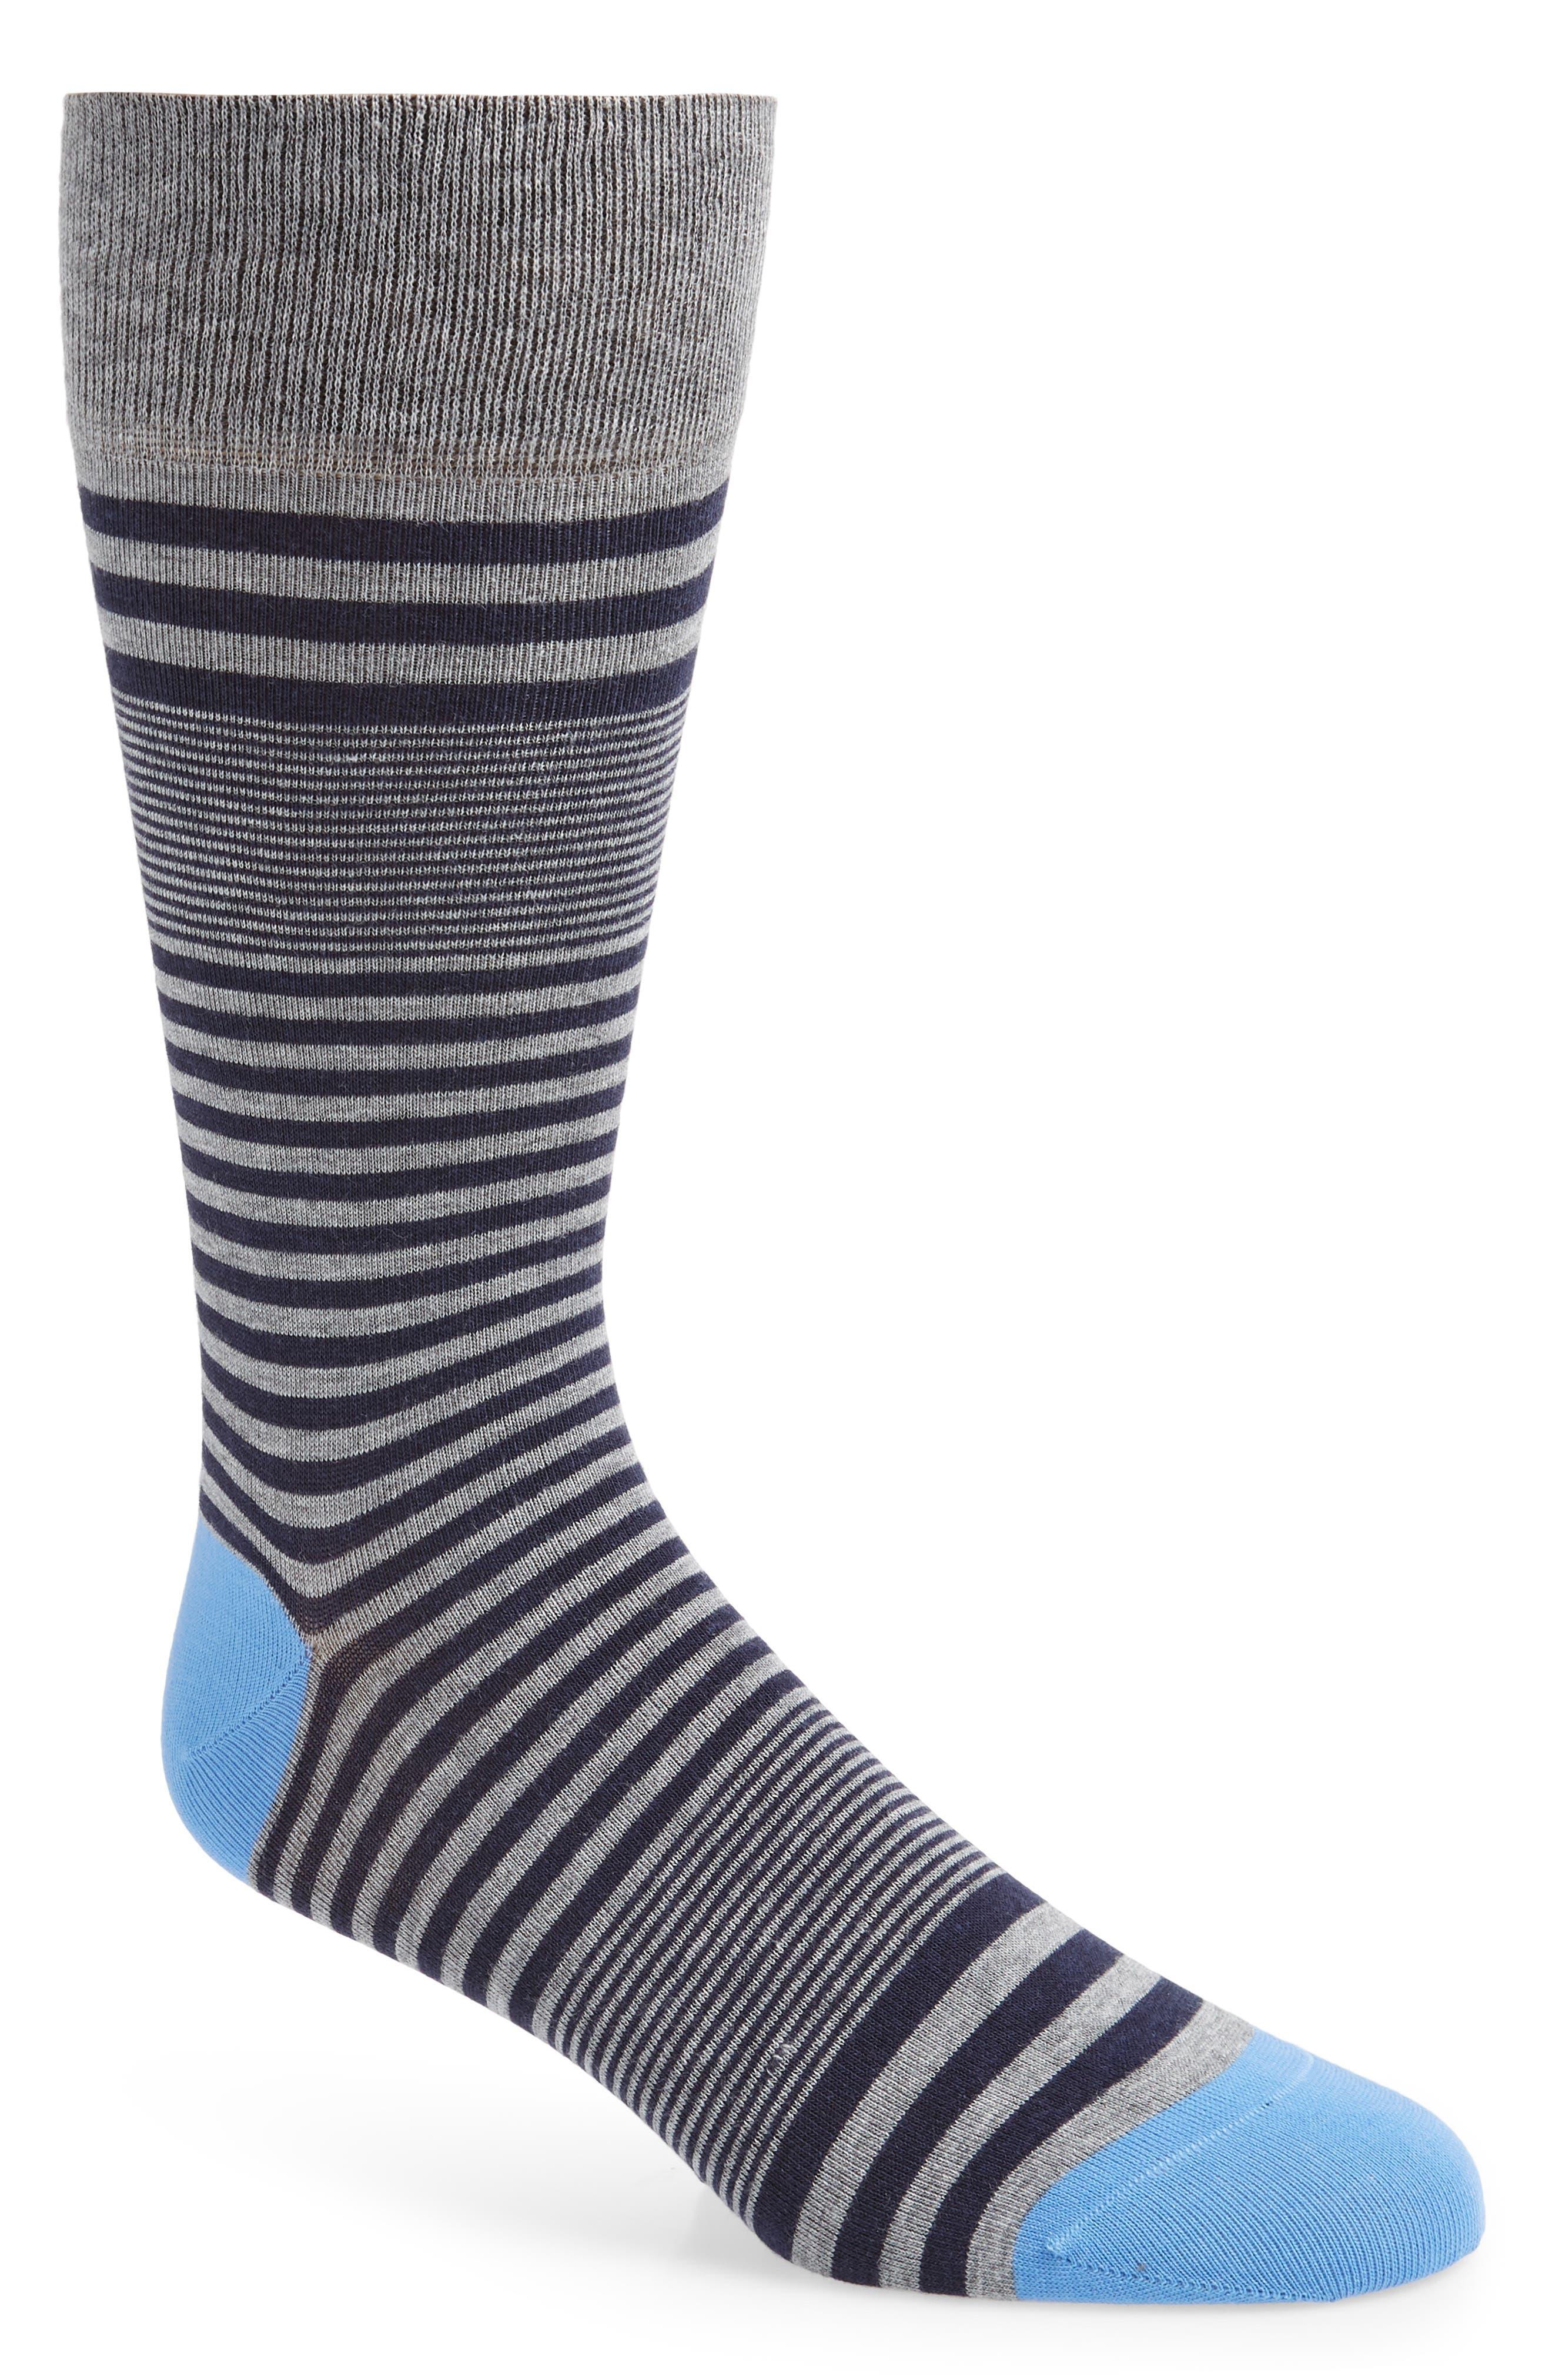 Vintage Men's Socks History-1900 to 1960s Mens Cole Haan Skater Stripe Socks Size One Size - Blue $12.50 AT vintagedancer.com